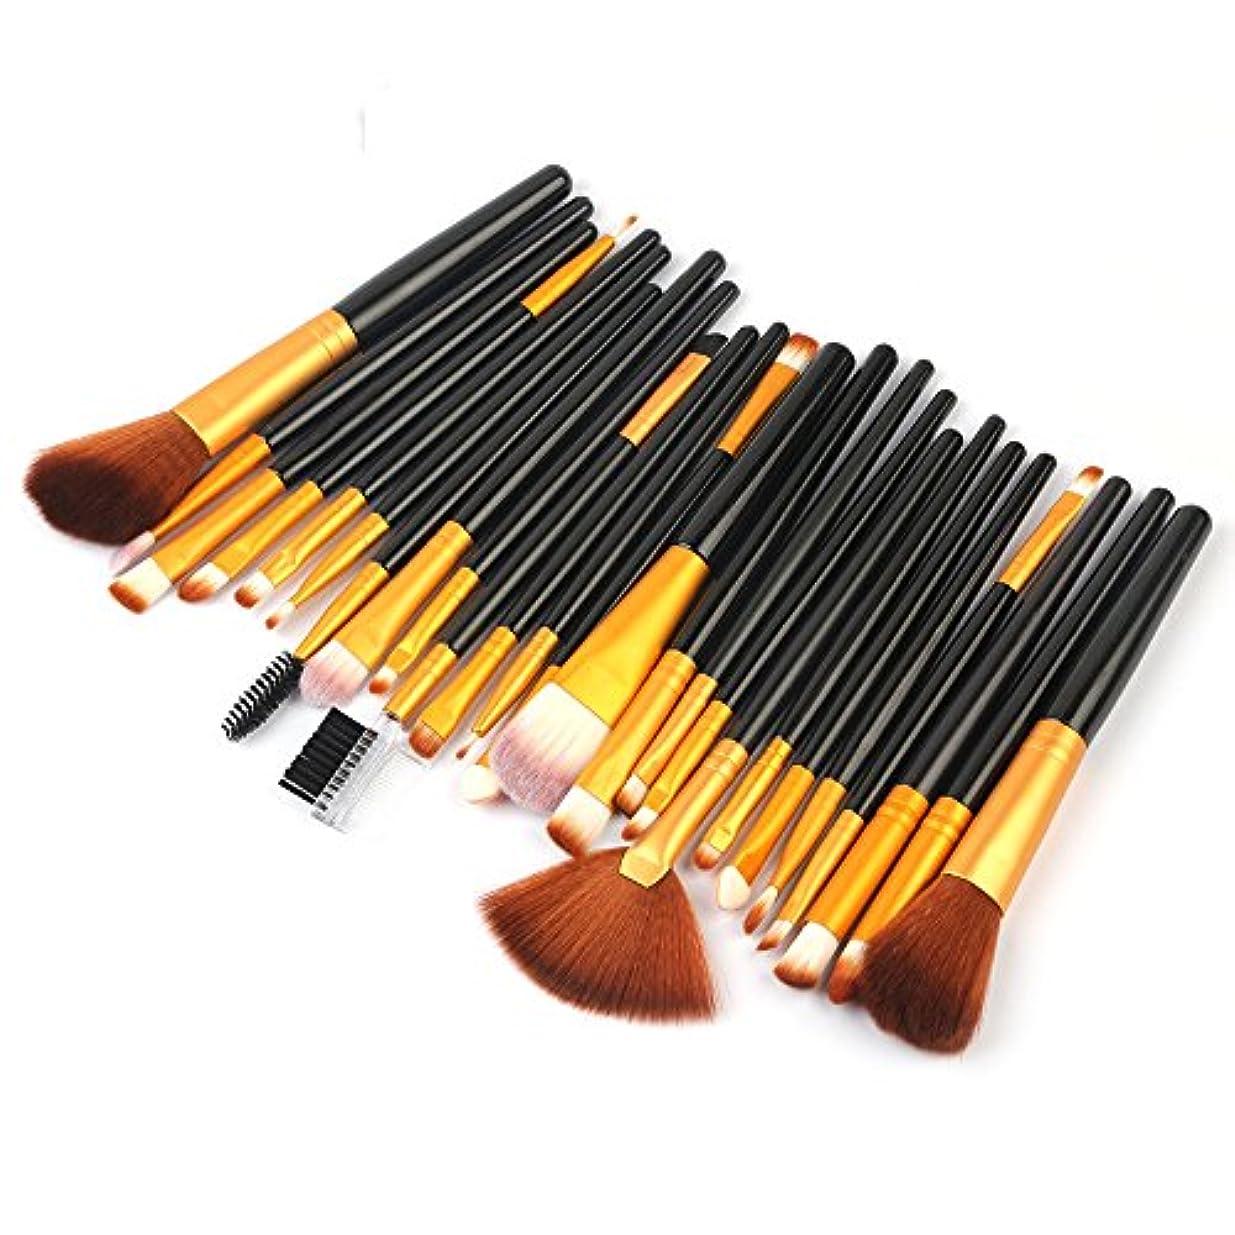 Akane 25本 プロ 高級 魅力的 高品質 綺麗 美感 たっぷり セート 多機能 使いやすい おしゃれ 便利 柔らかい 激安 日常 仕事 Makeup Brush メイクアップブラシ HJ25